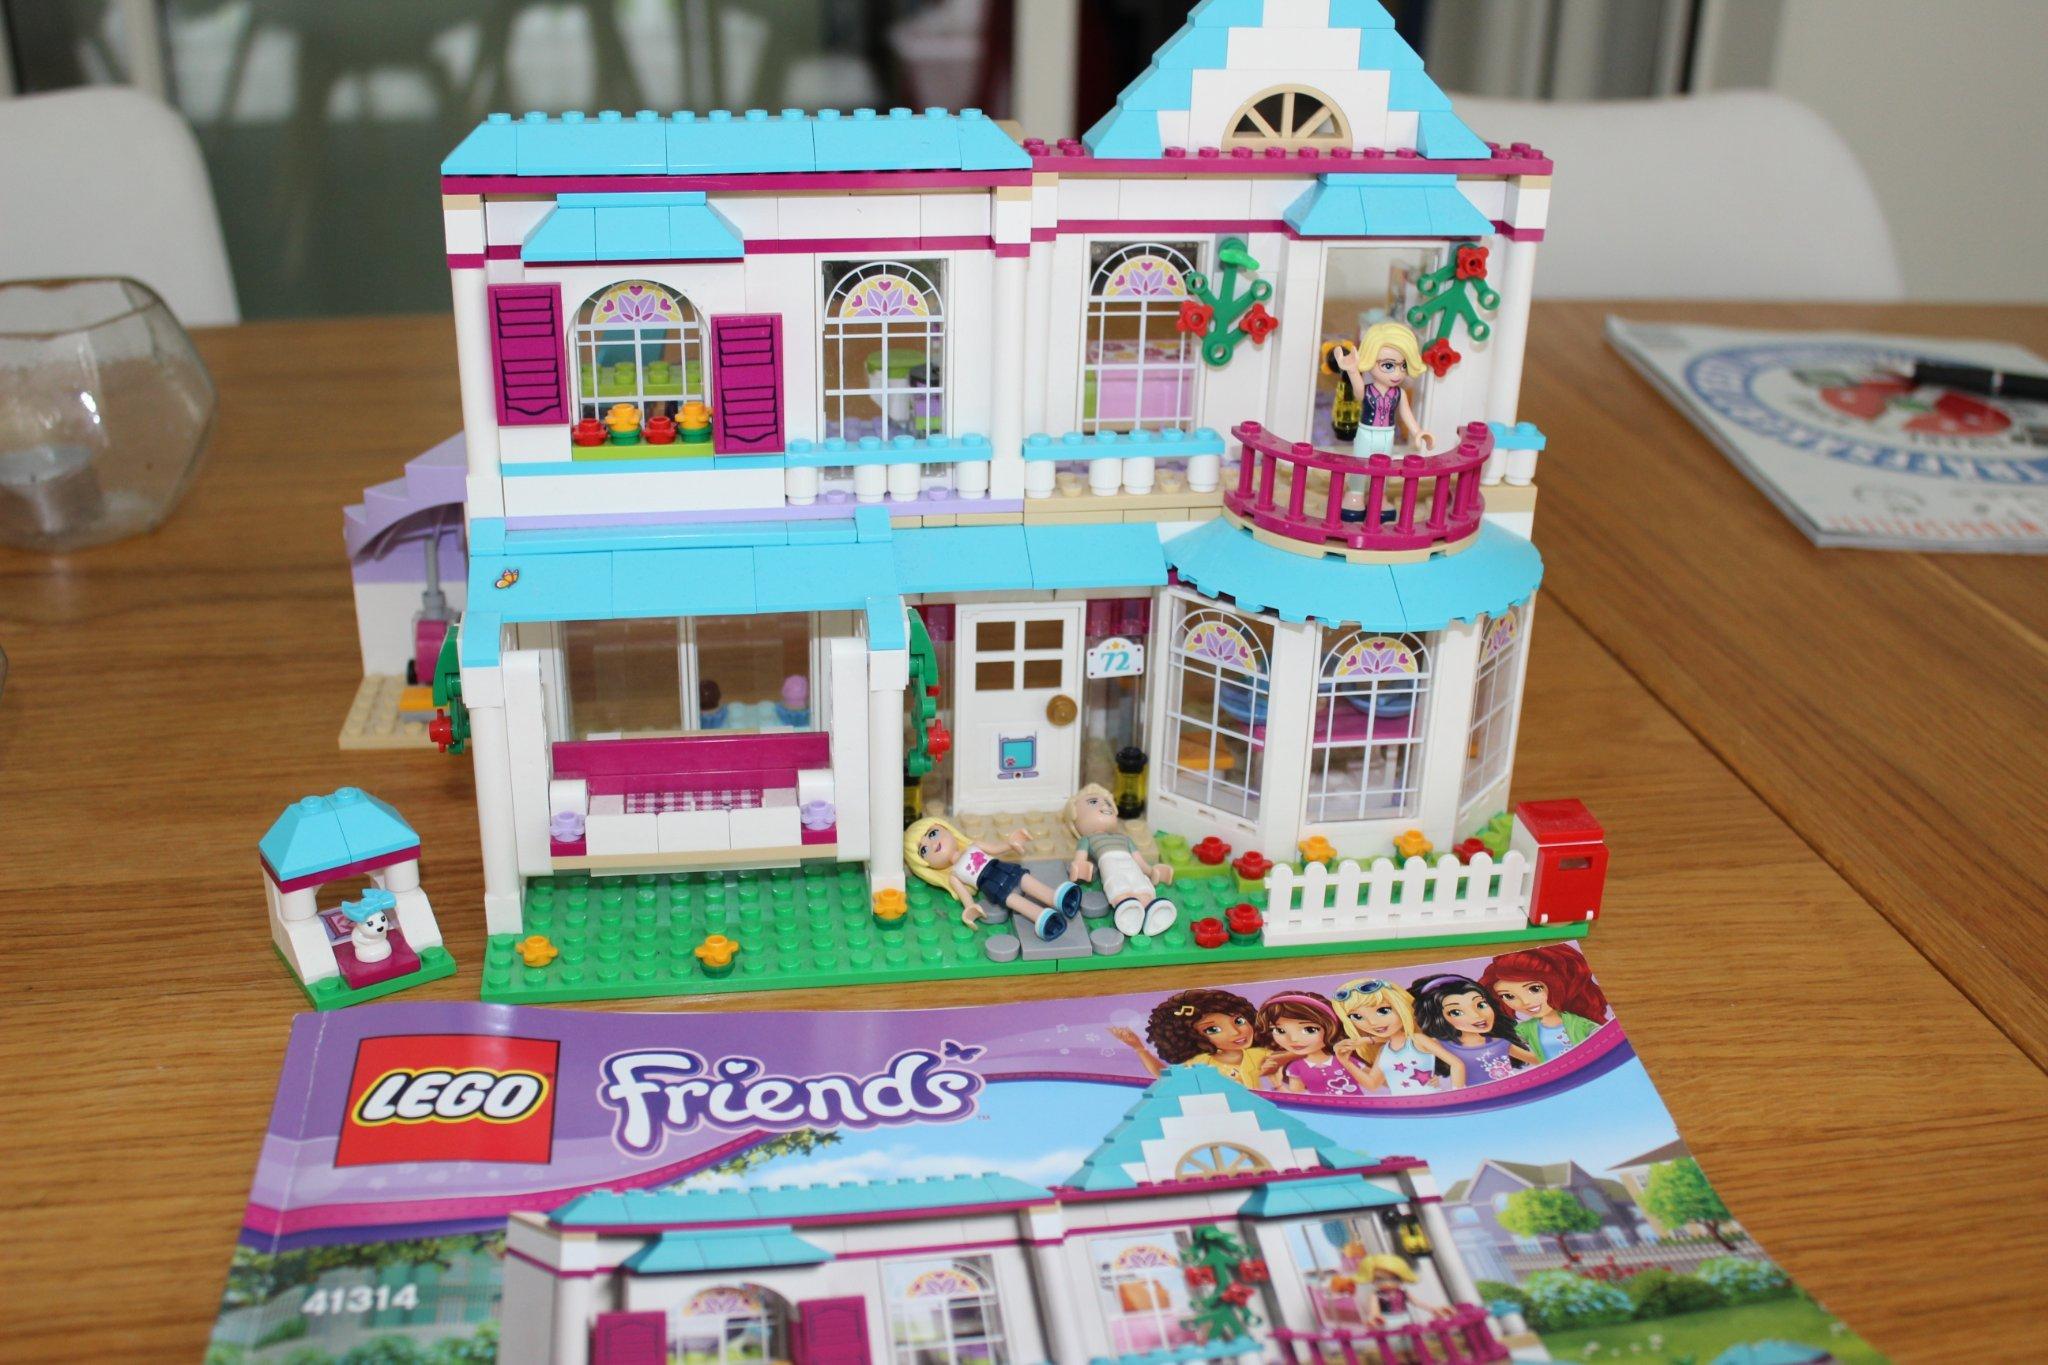 Folkekære Lego Friends Stephanies Hus 41314 (360791013) ᐈ Köp på Tradera II-05